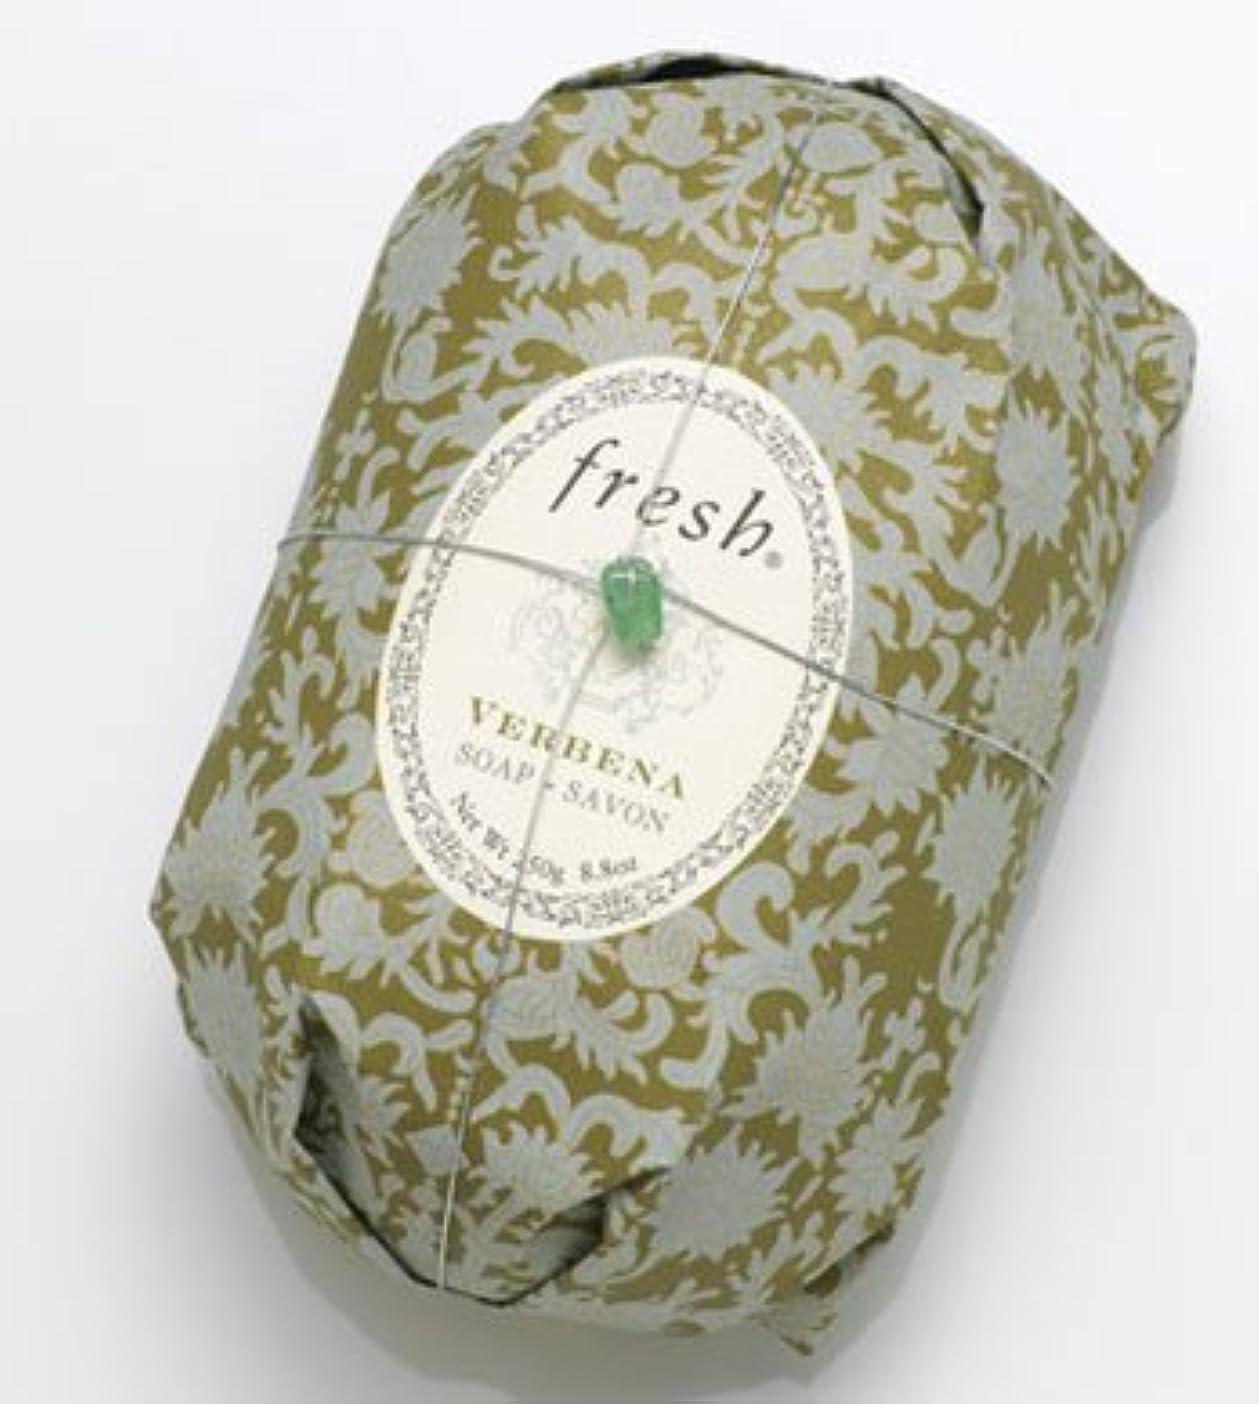 好ましい健康的組み合わせFresh VERBENA SOAP (フレッシュ バーベナ ソープ) 8.8 oz (250g) Soap (石鹸) by Fresh